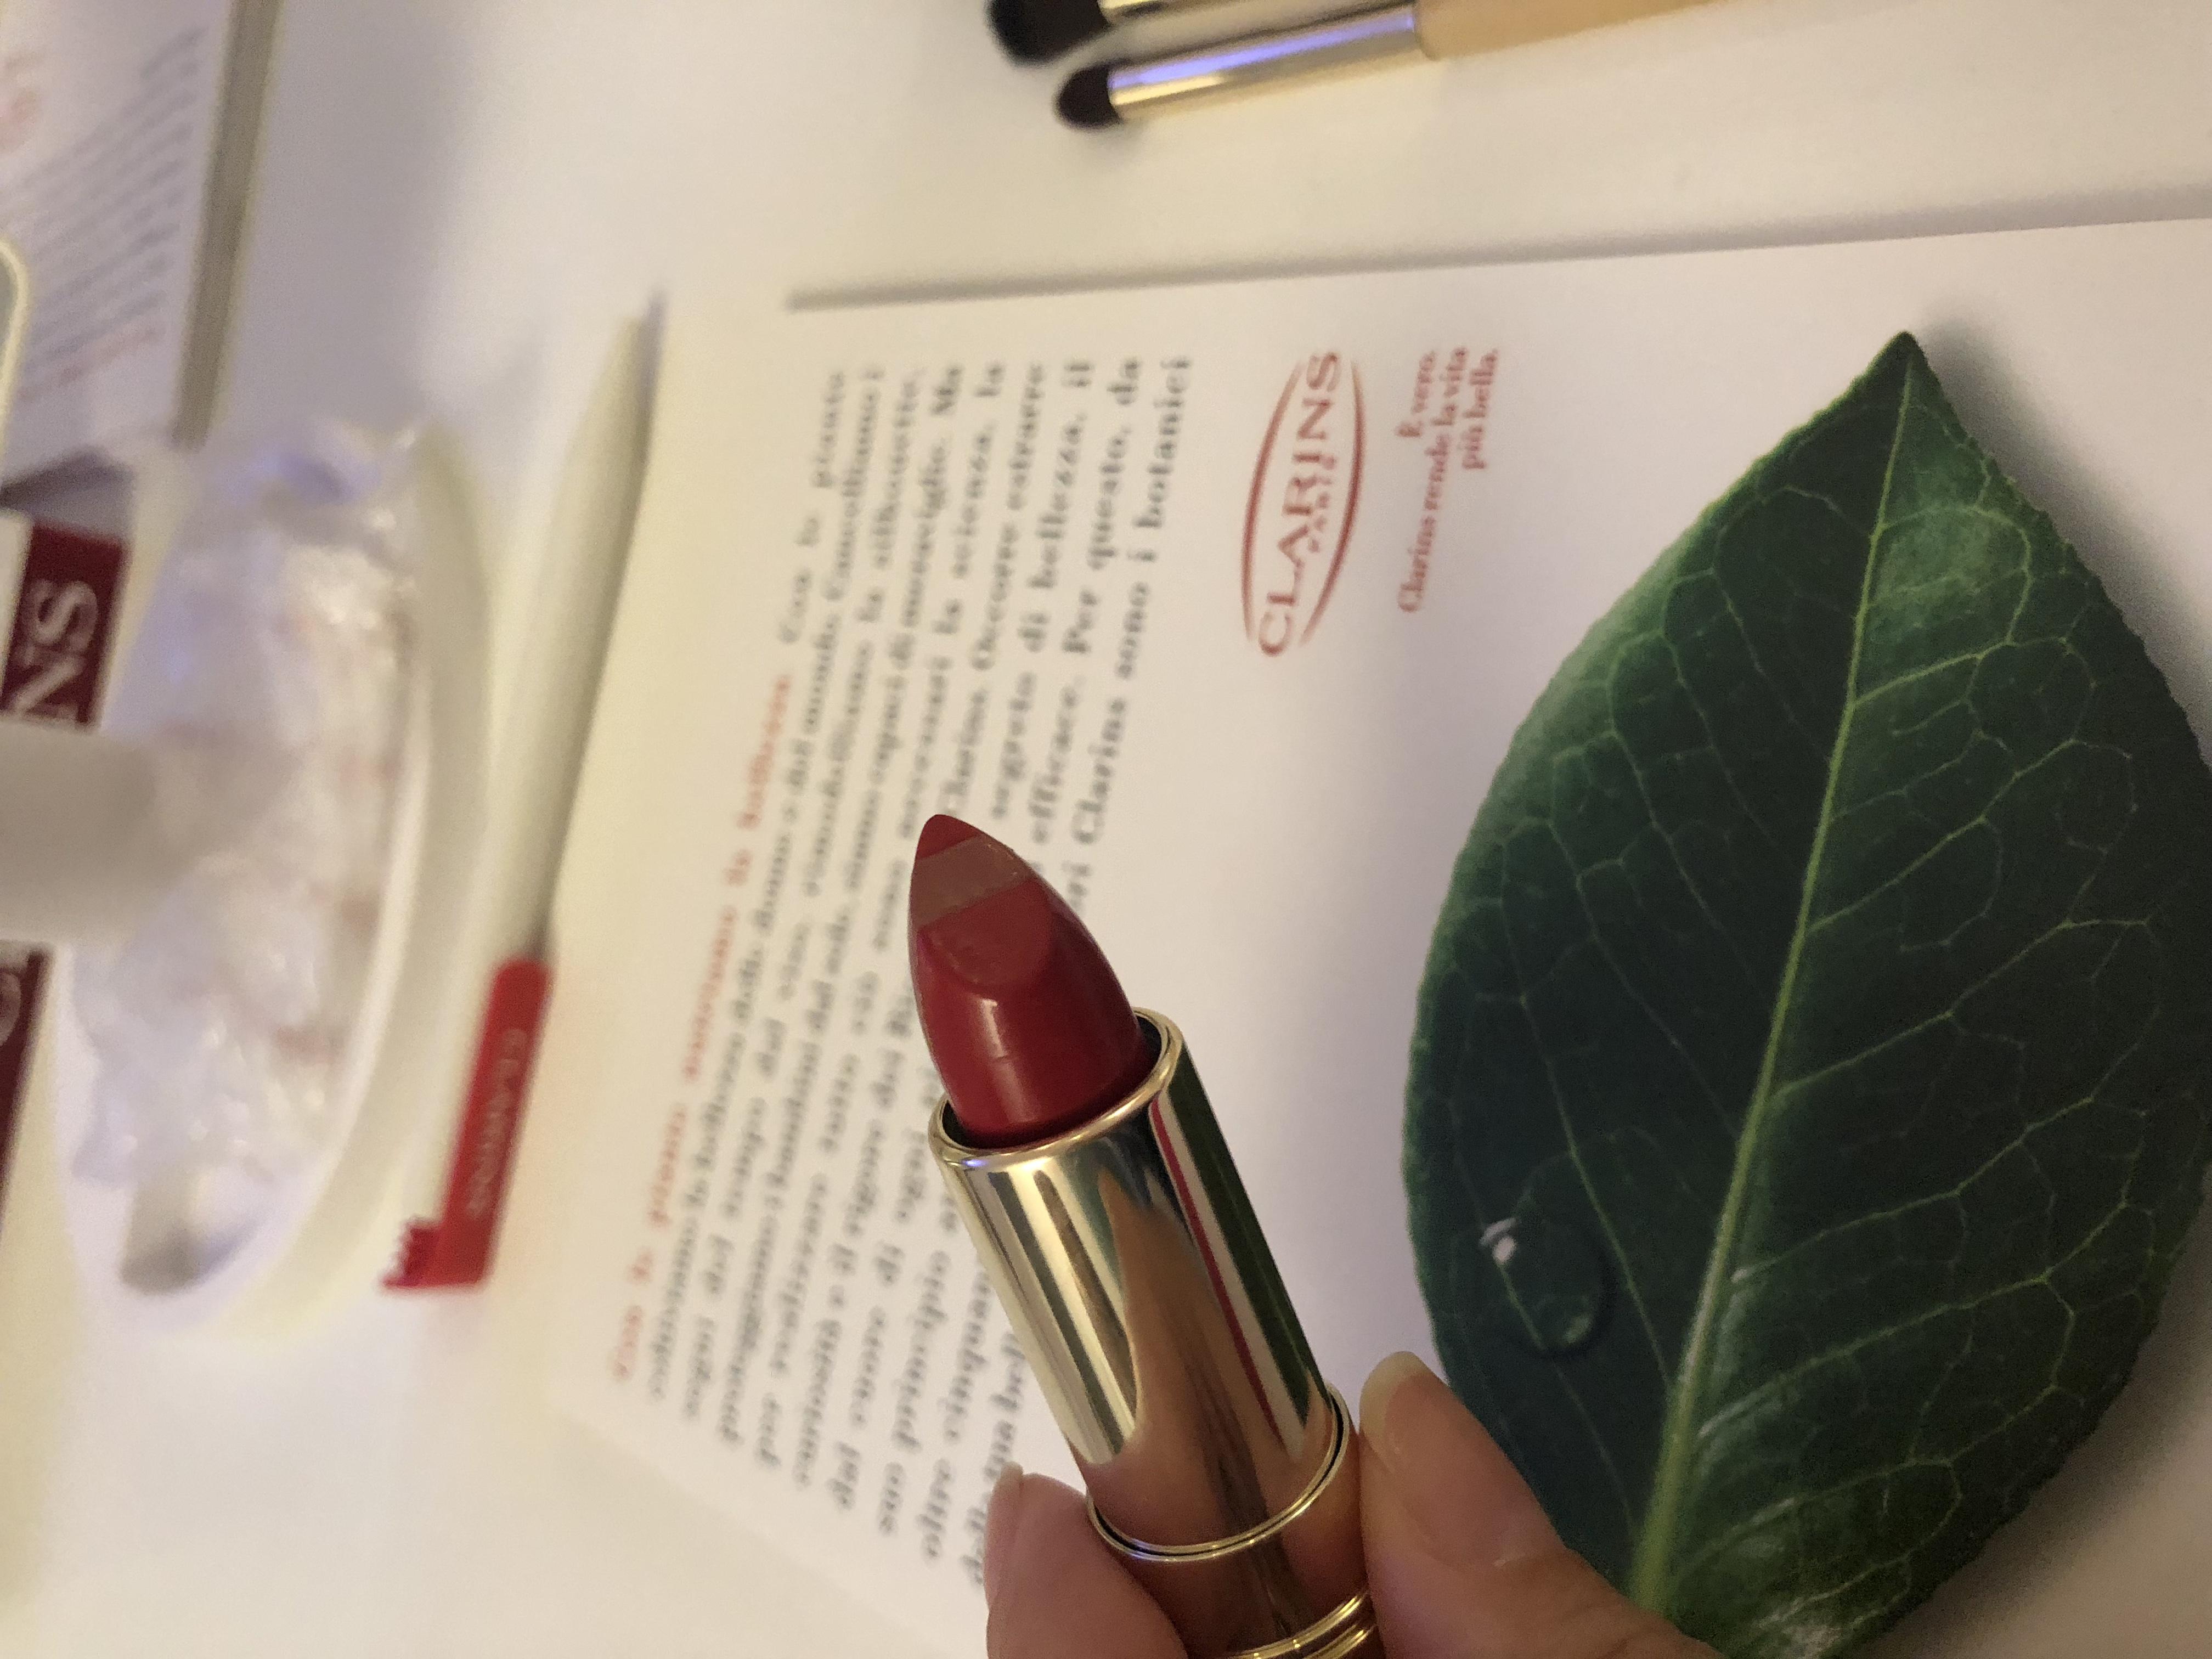 Skin Illusion fondotinta e Joli Rouge & Black, le novità di Clarins